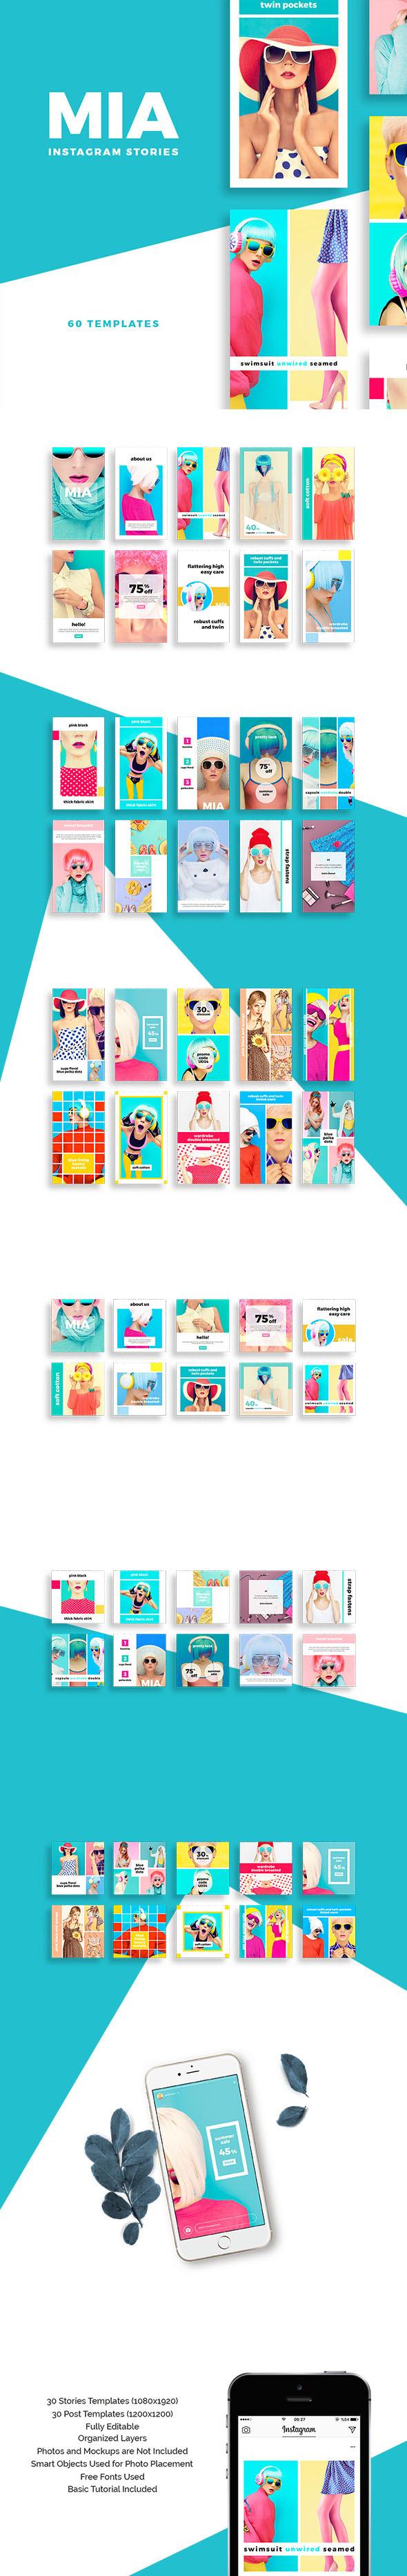 SlideStation - Mia Instagram Stories Pack